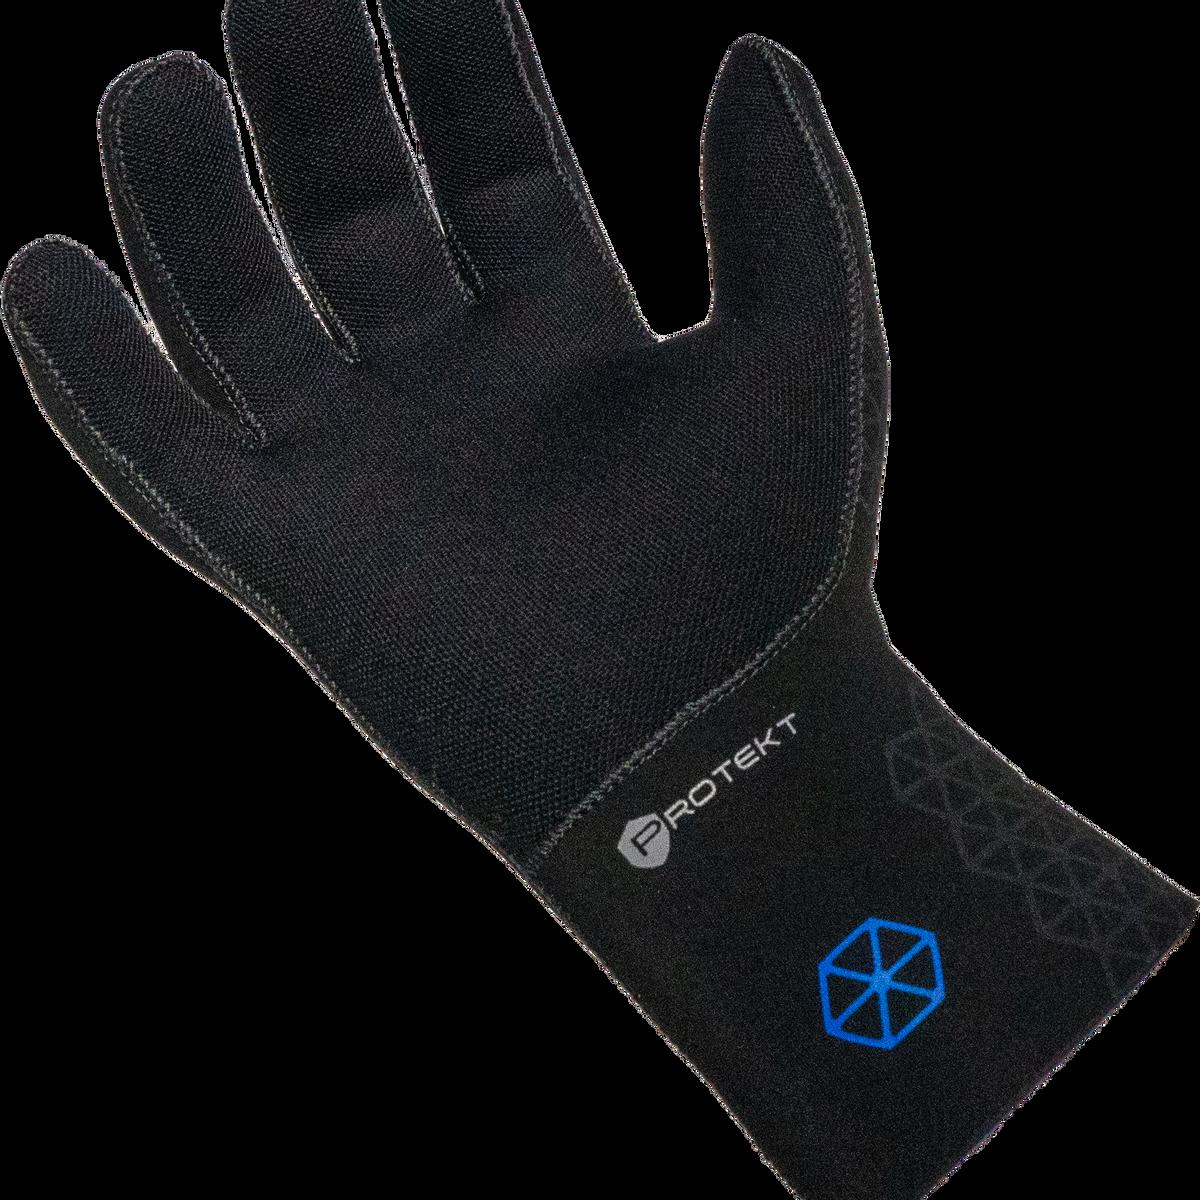 BARE S-Flex 5mm hanske